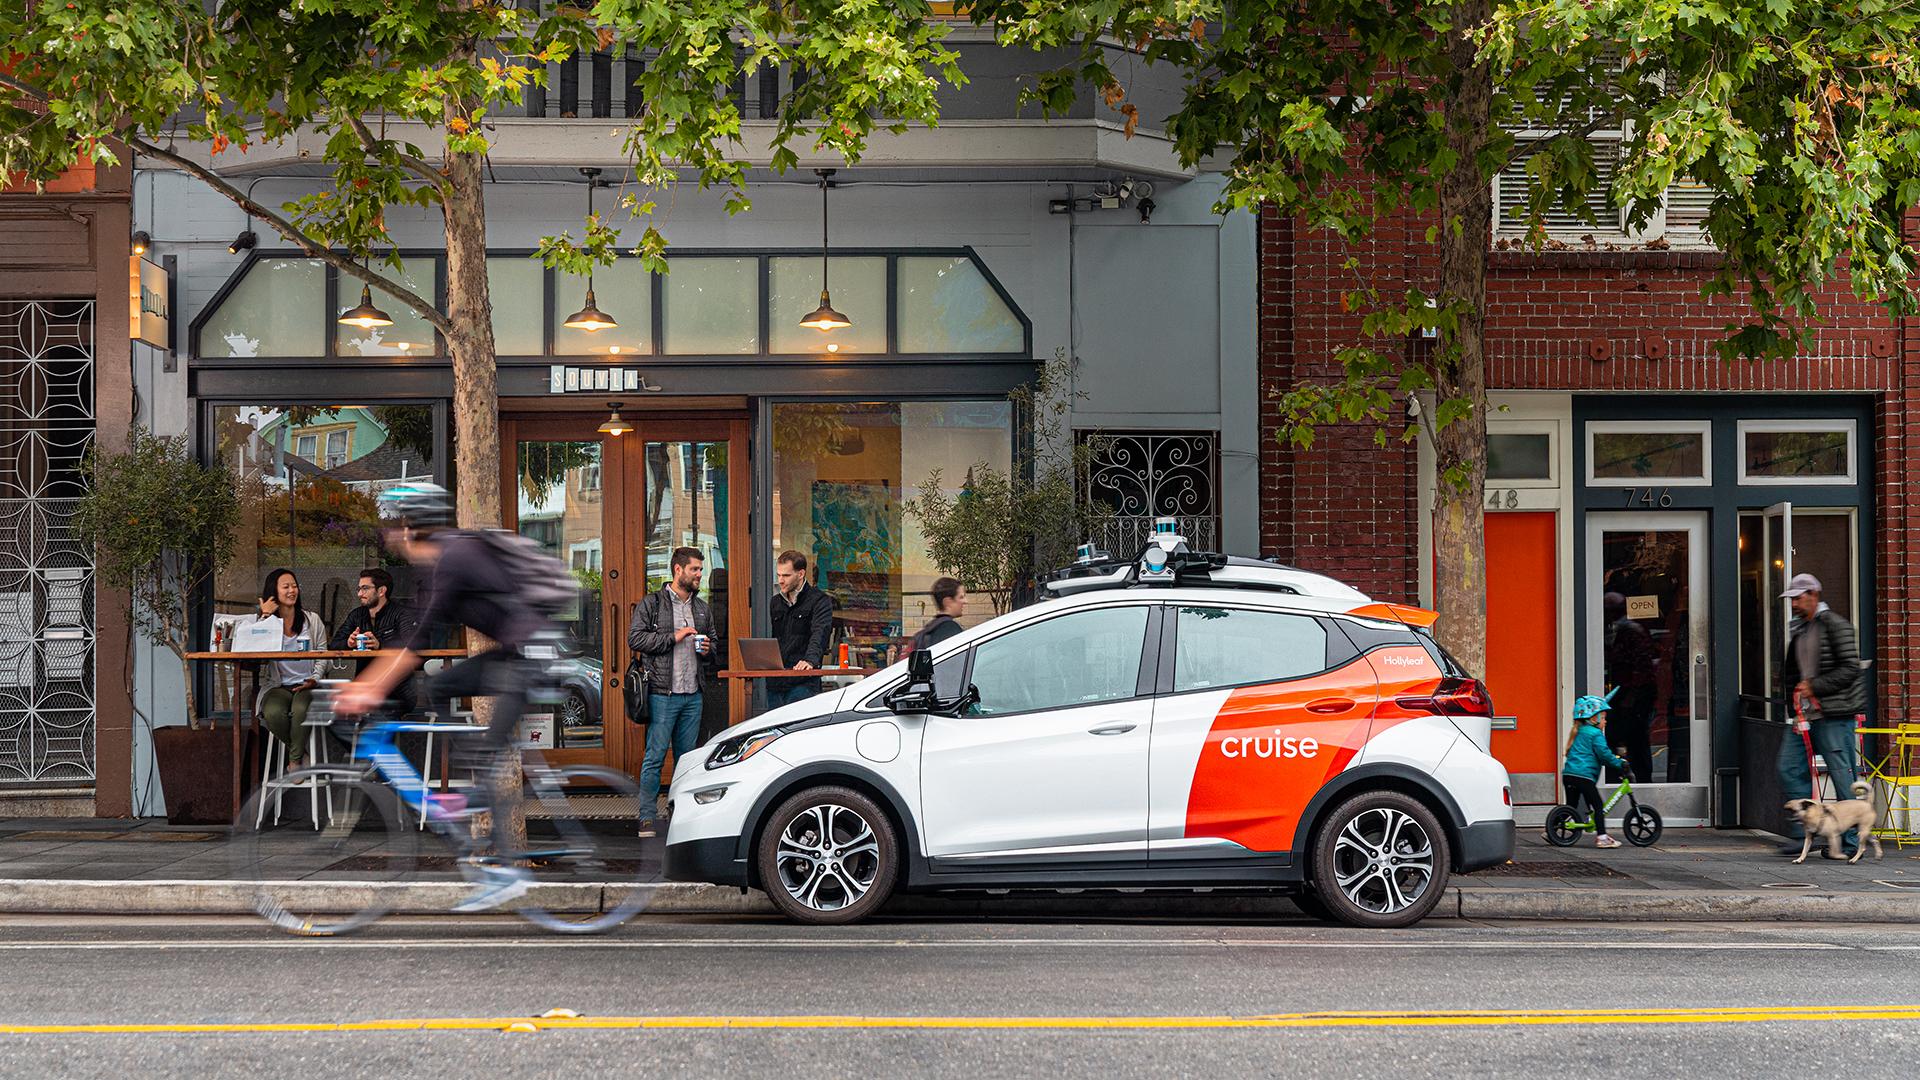 Cruise, de autonome auto in San Francisco